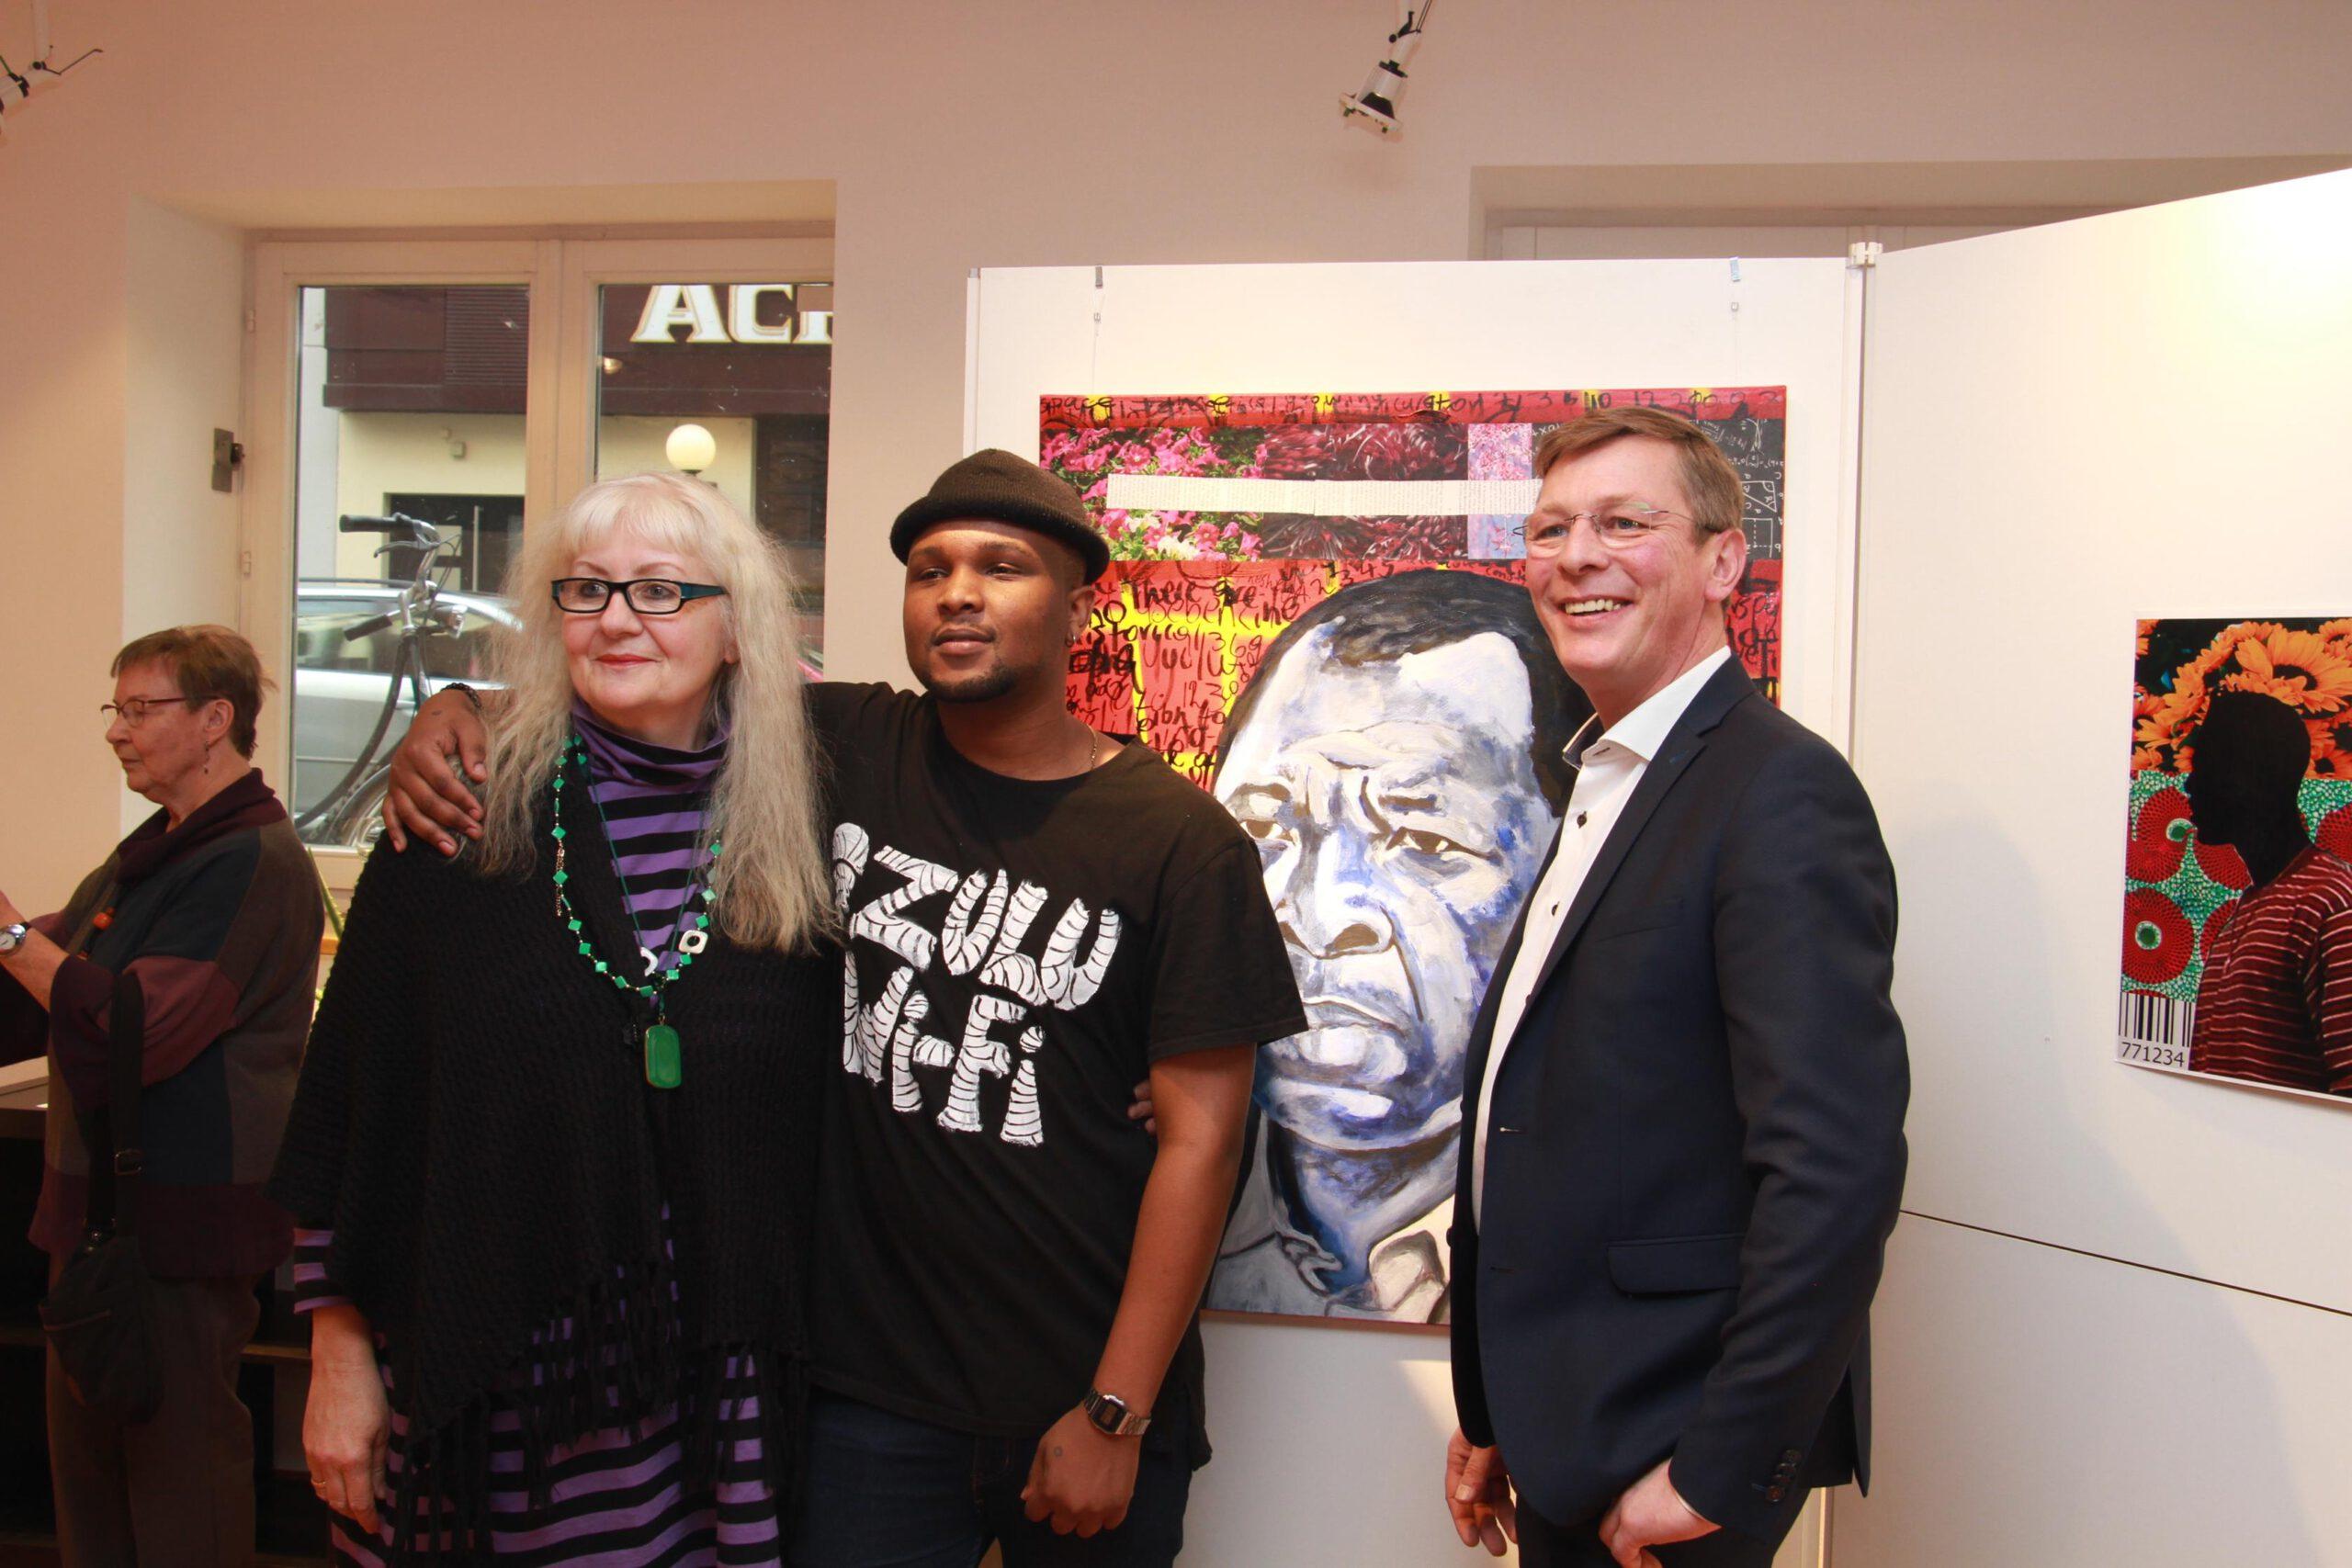 Sphephelo Mnguni 2020 Ausstellung, Edeltraut Rath, Frank Imhoff